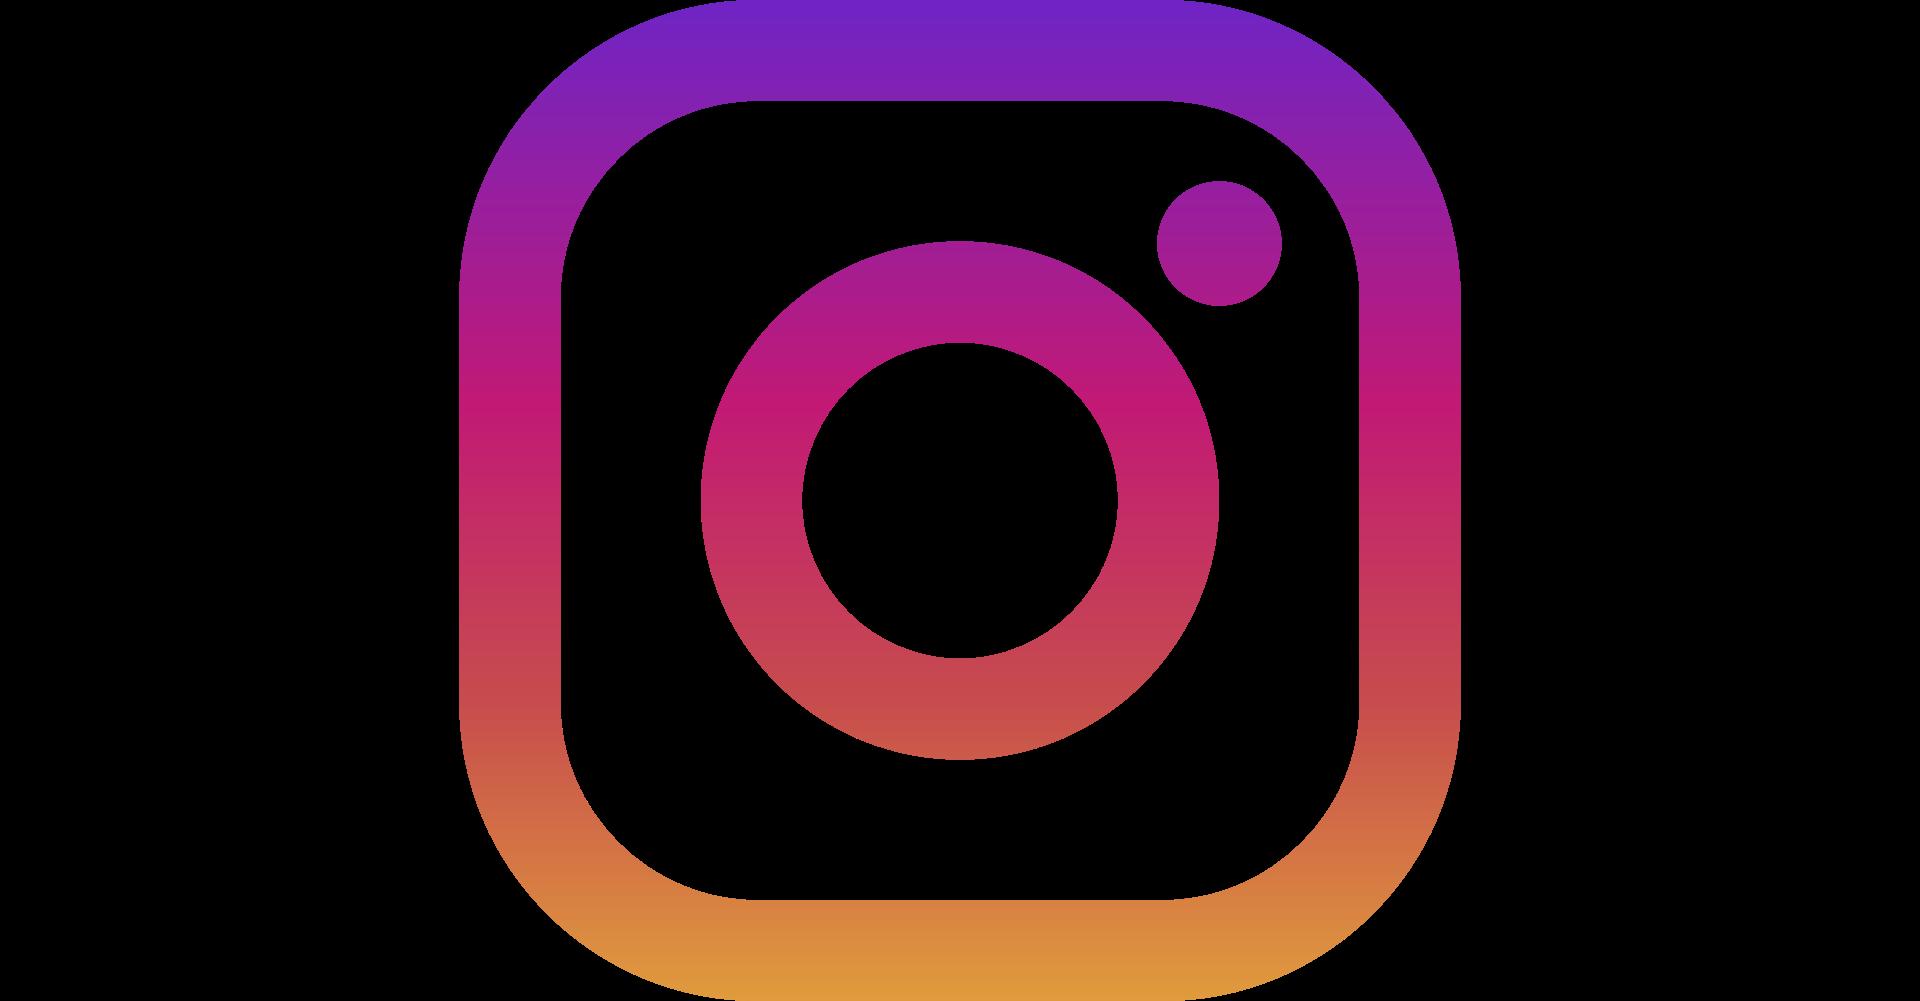 עמוד Instagram - מכללת BPM